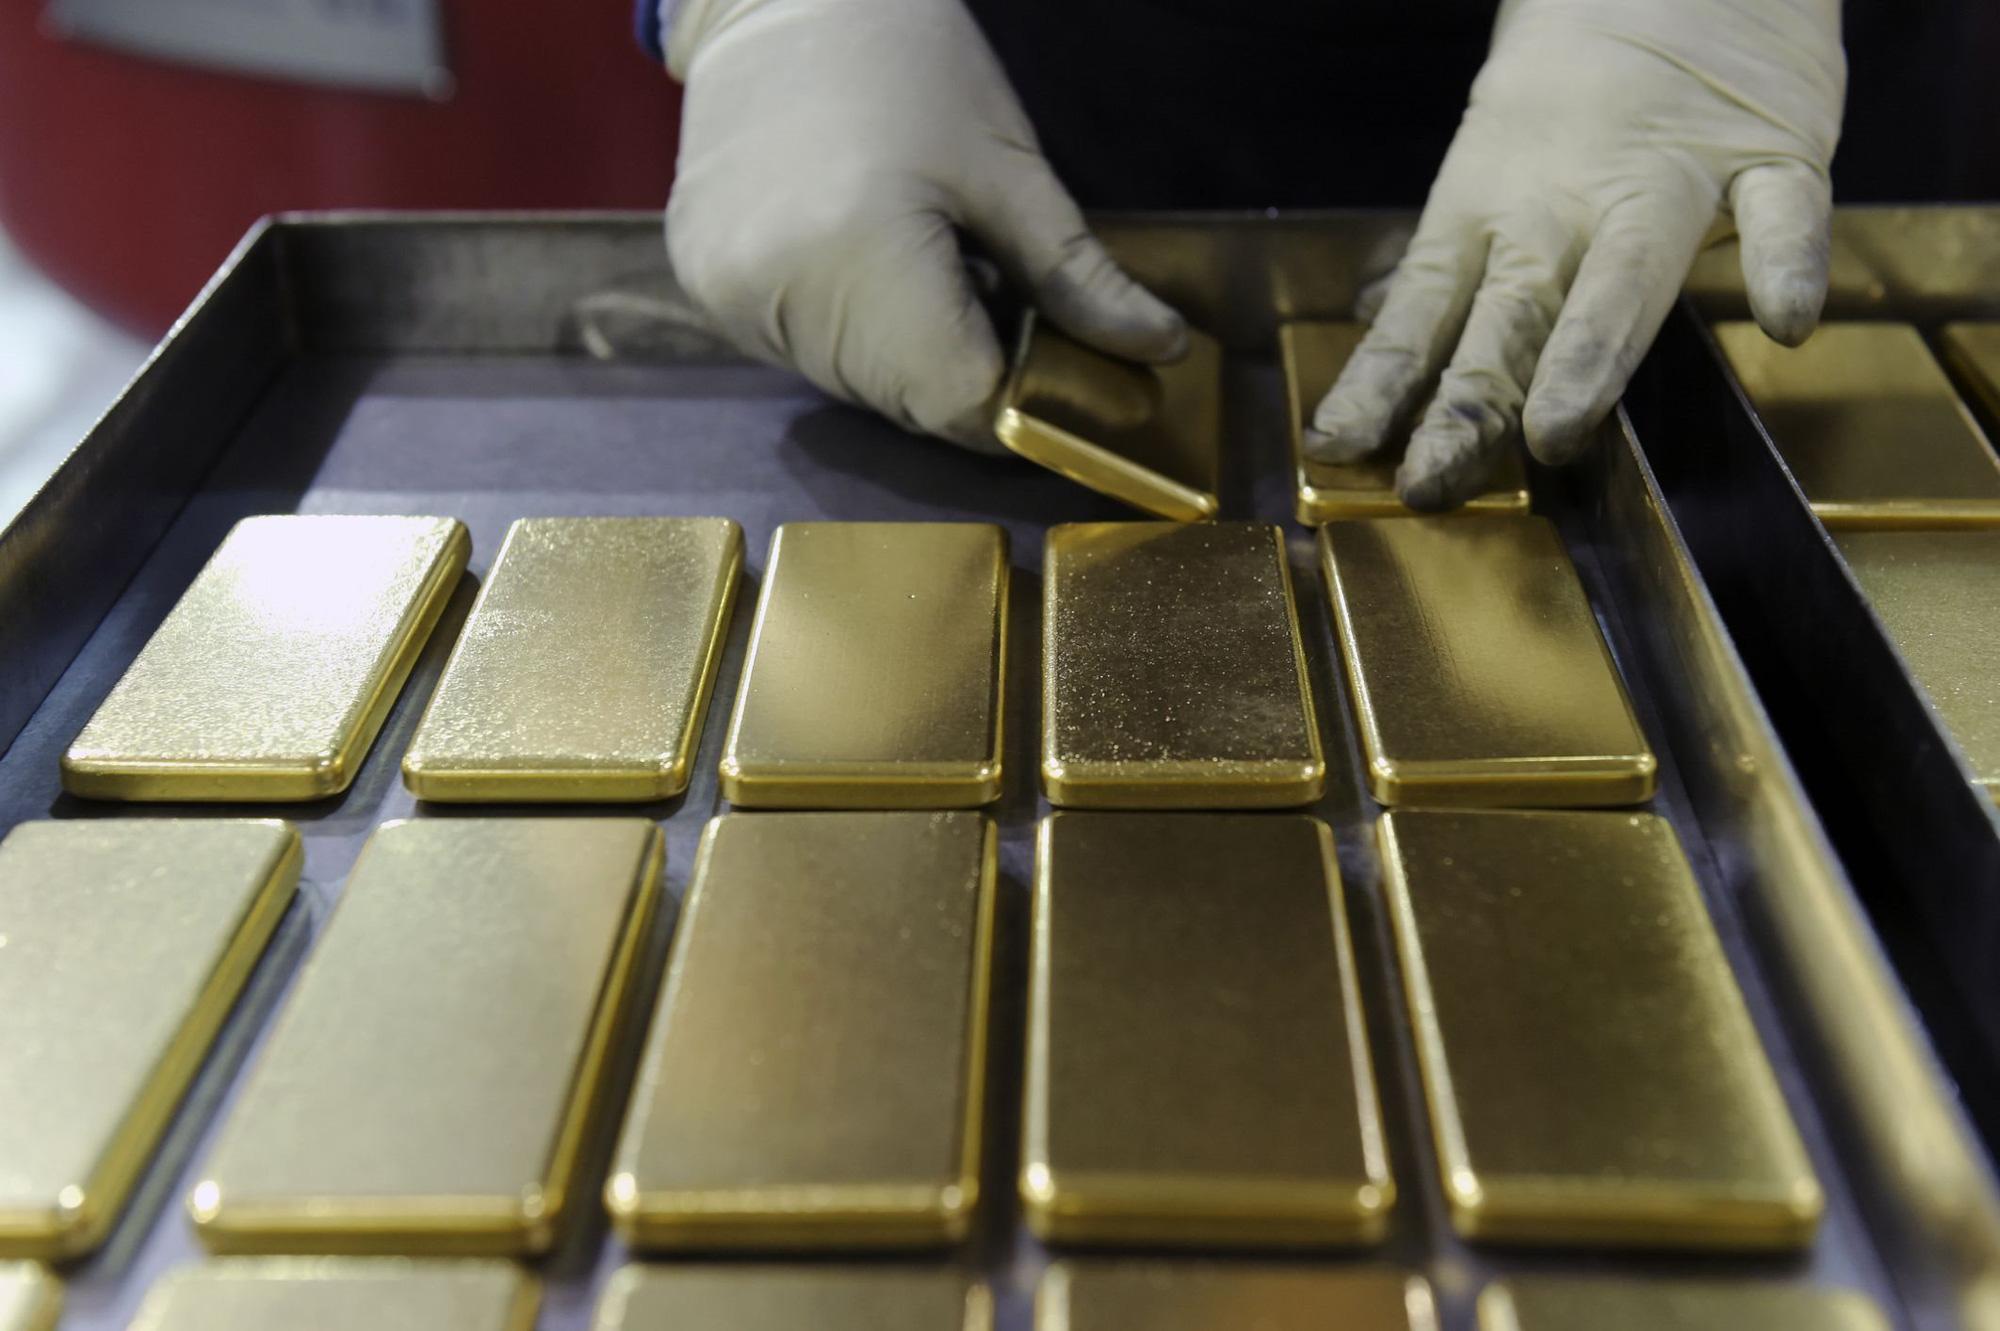 Giá vàng hôm nay 30/6 tiếp tục đà tăng - Ảnh 1.